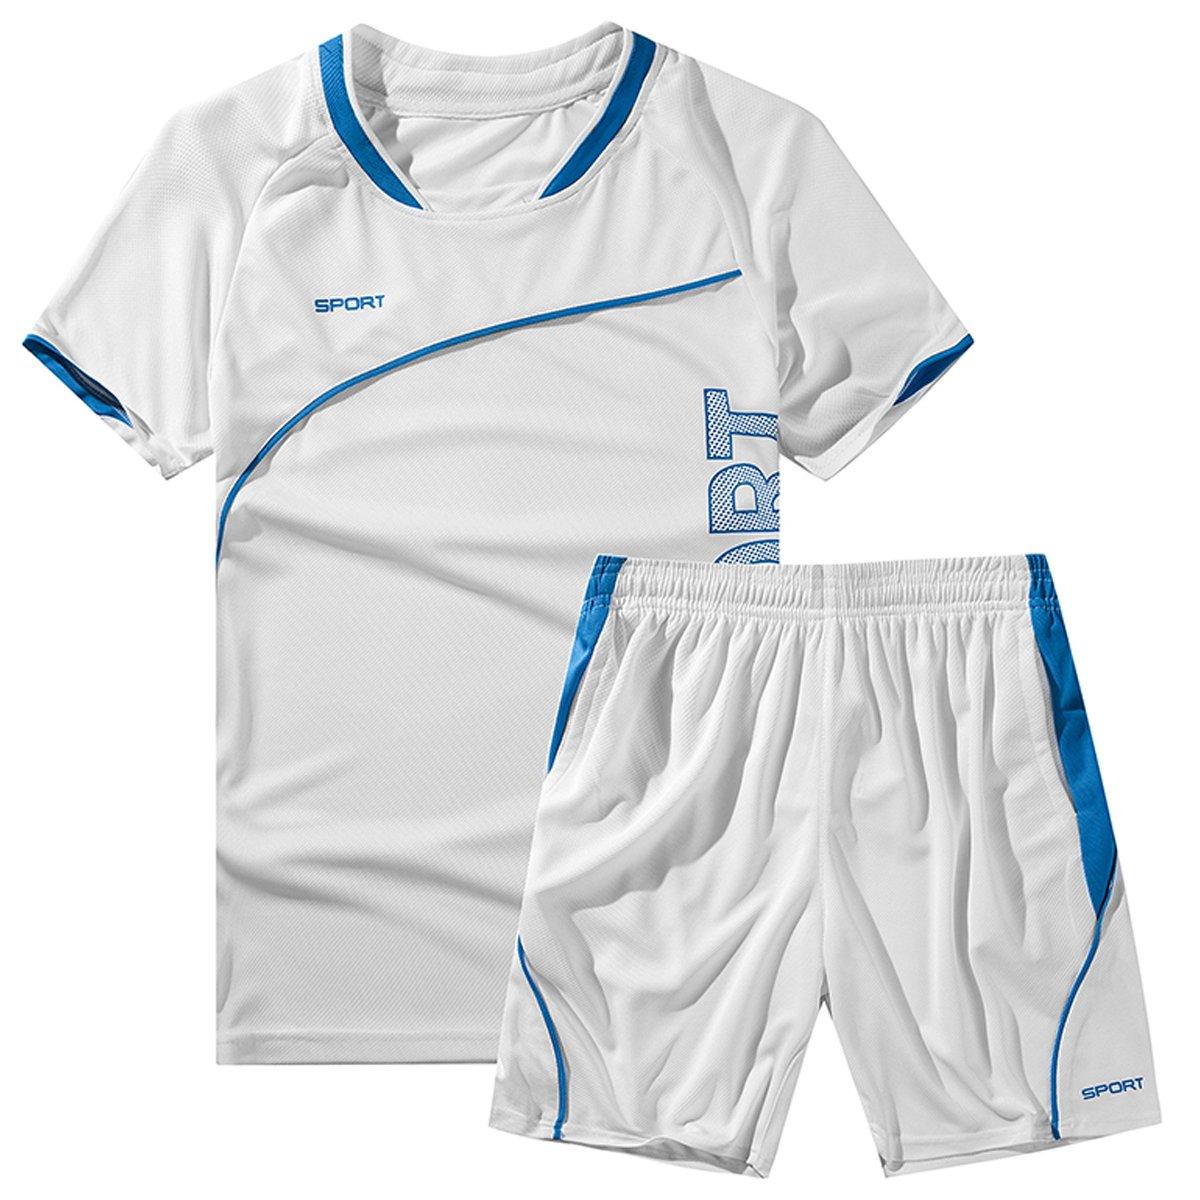 INVACHI Chándal para Hombre Camiseta de Fútbol Baloncesto Camiseta ...